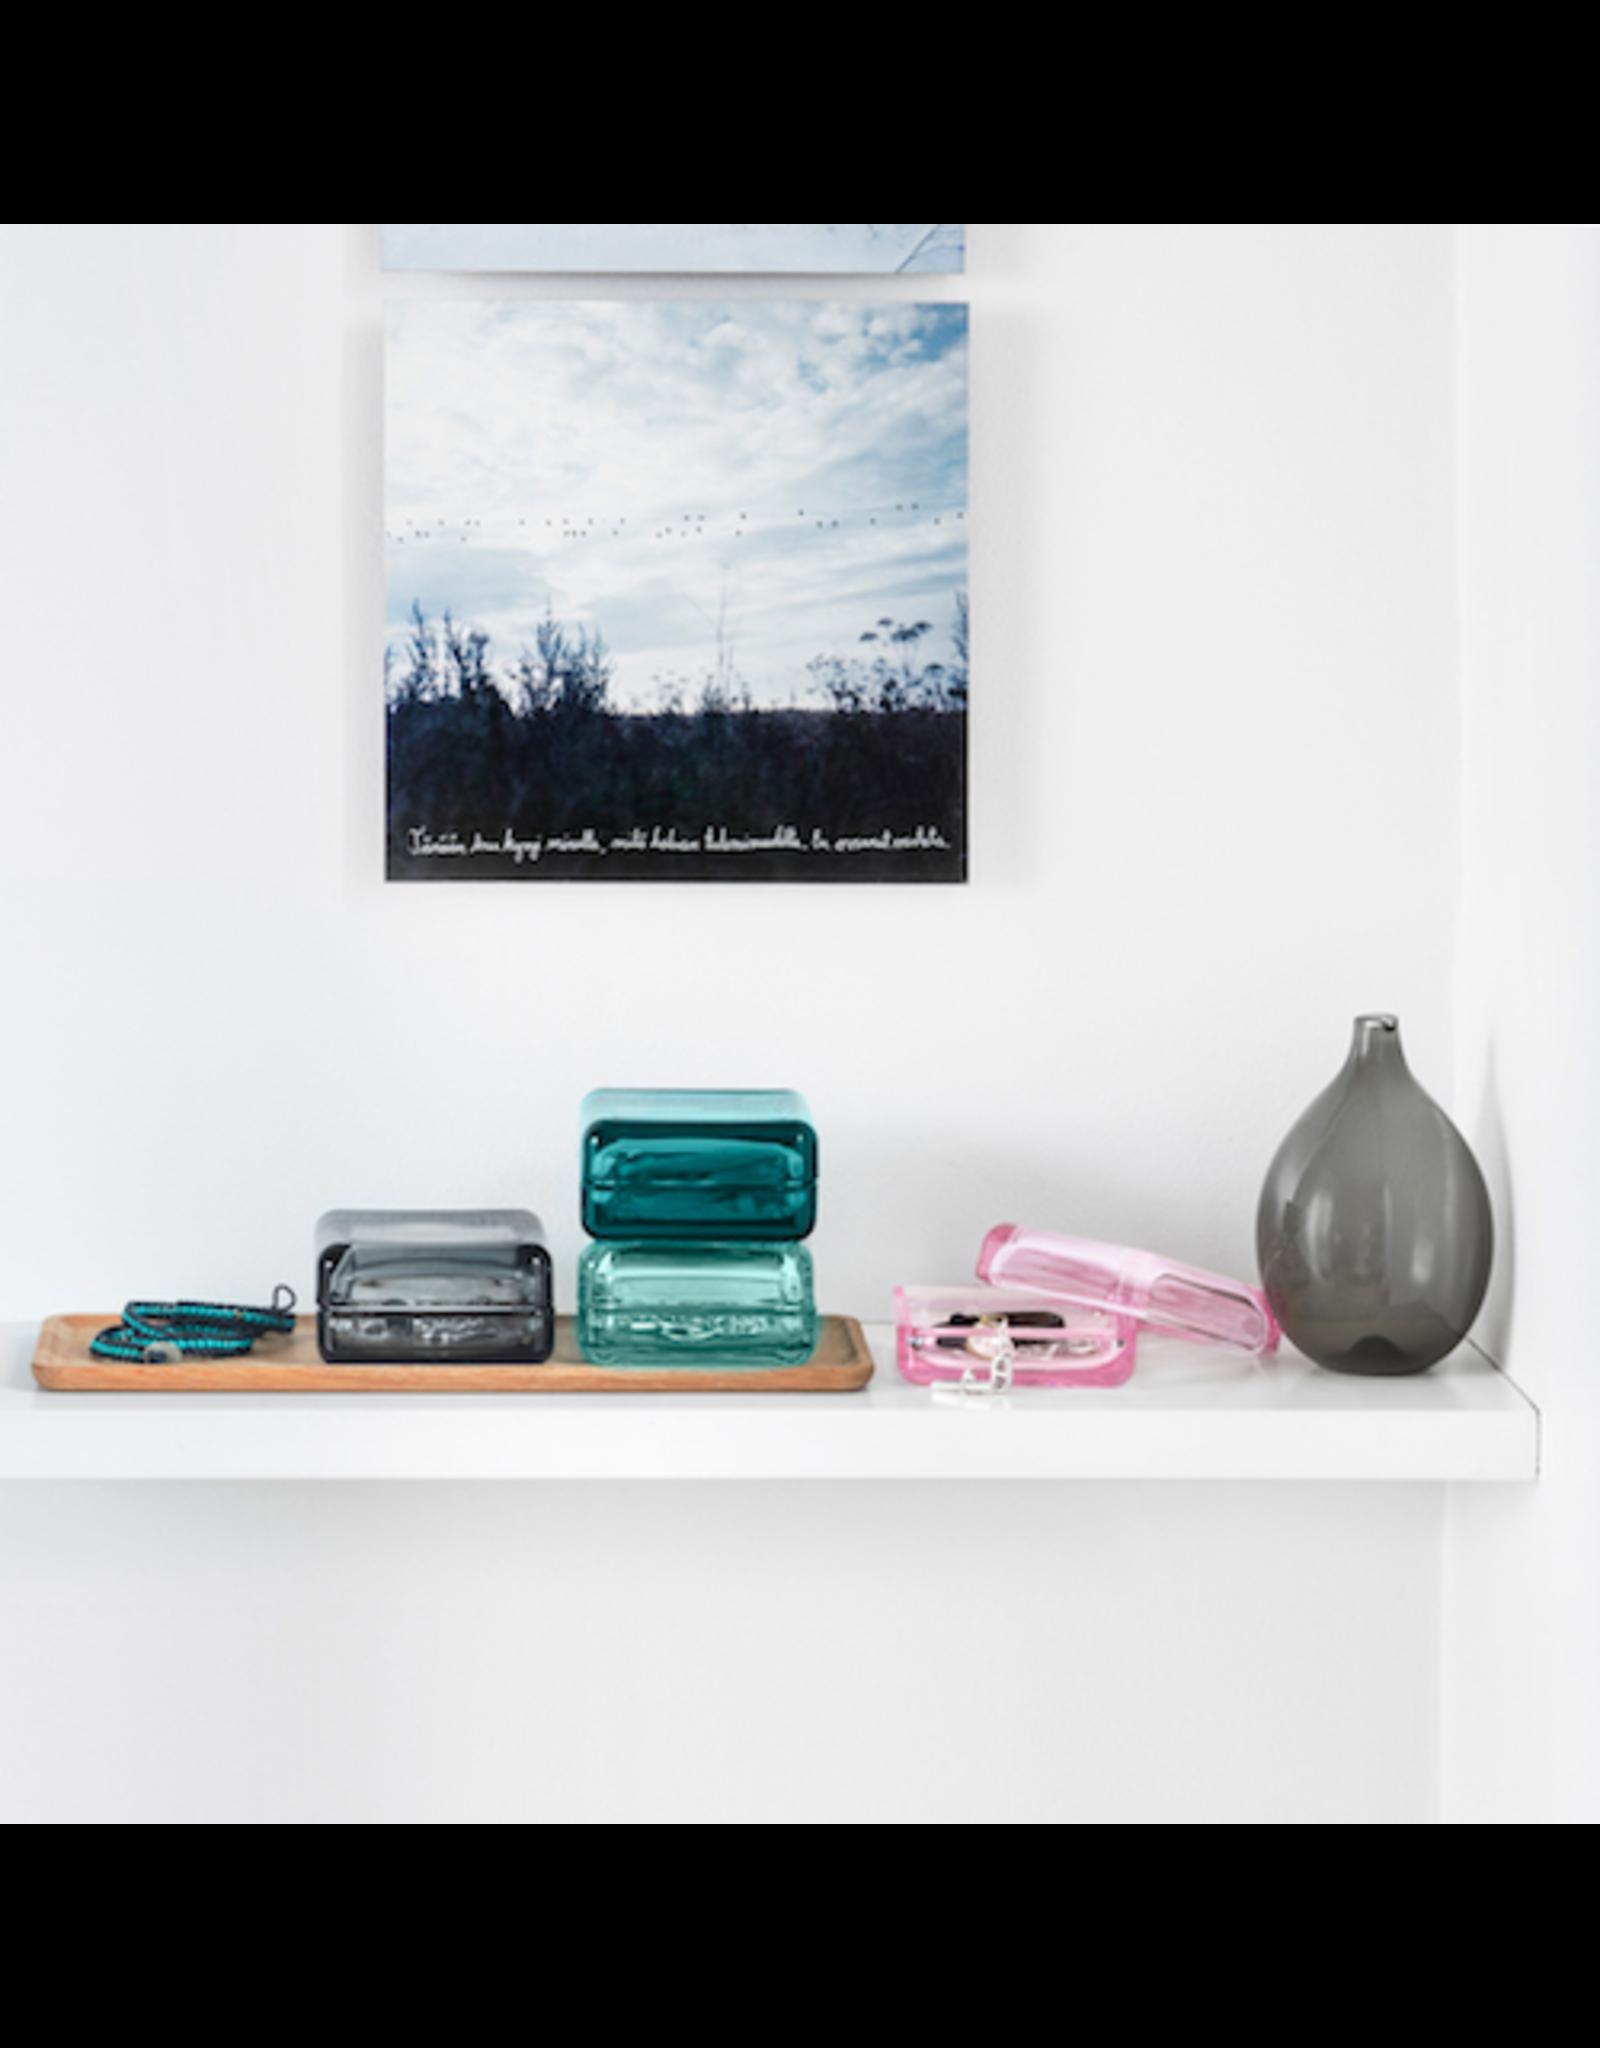 IITTALA VITRIINI 108 x 108 MM 玻璃裝飾盒